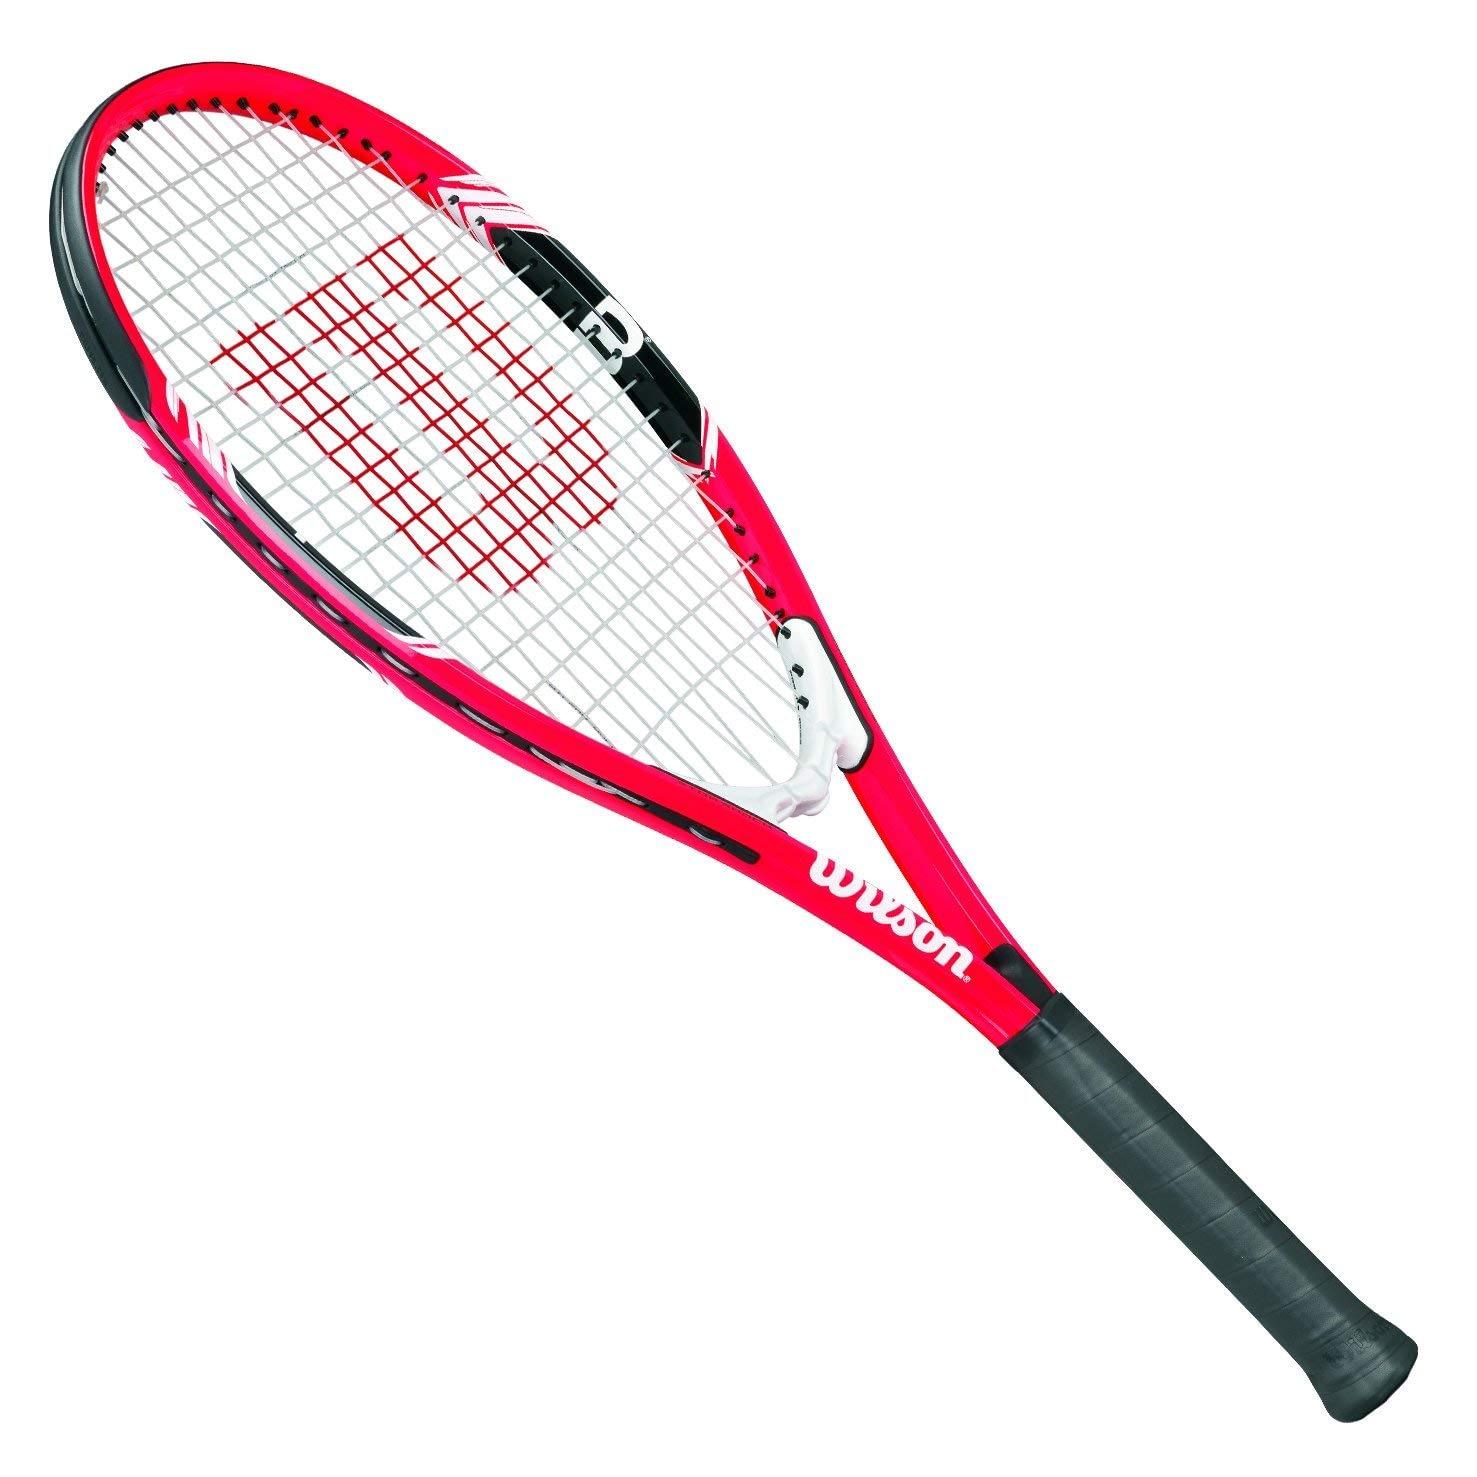 Wilson Federer Adult Strung Tennis Racket 2